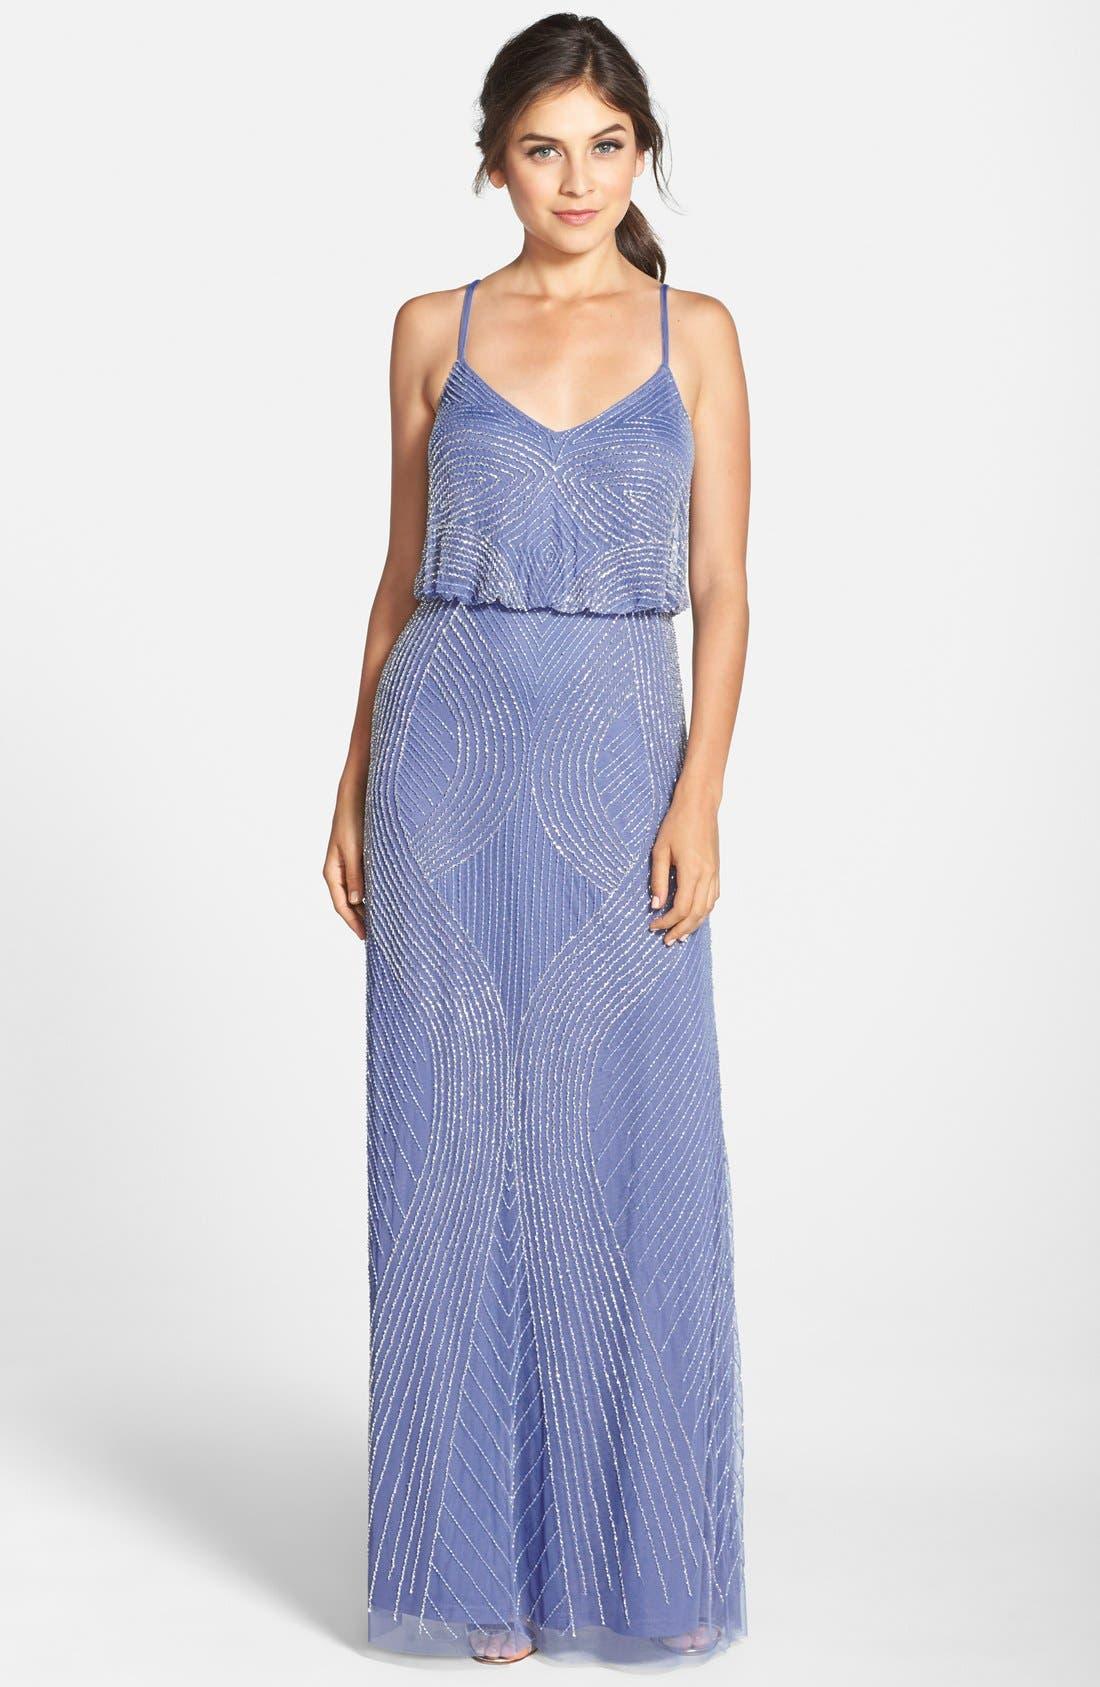 Main Image - Adrianna Papell Beaded Blouson Maxi Dress